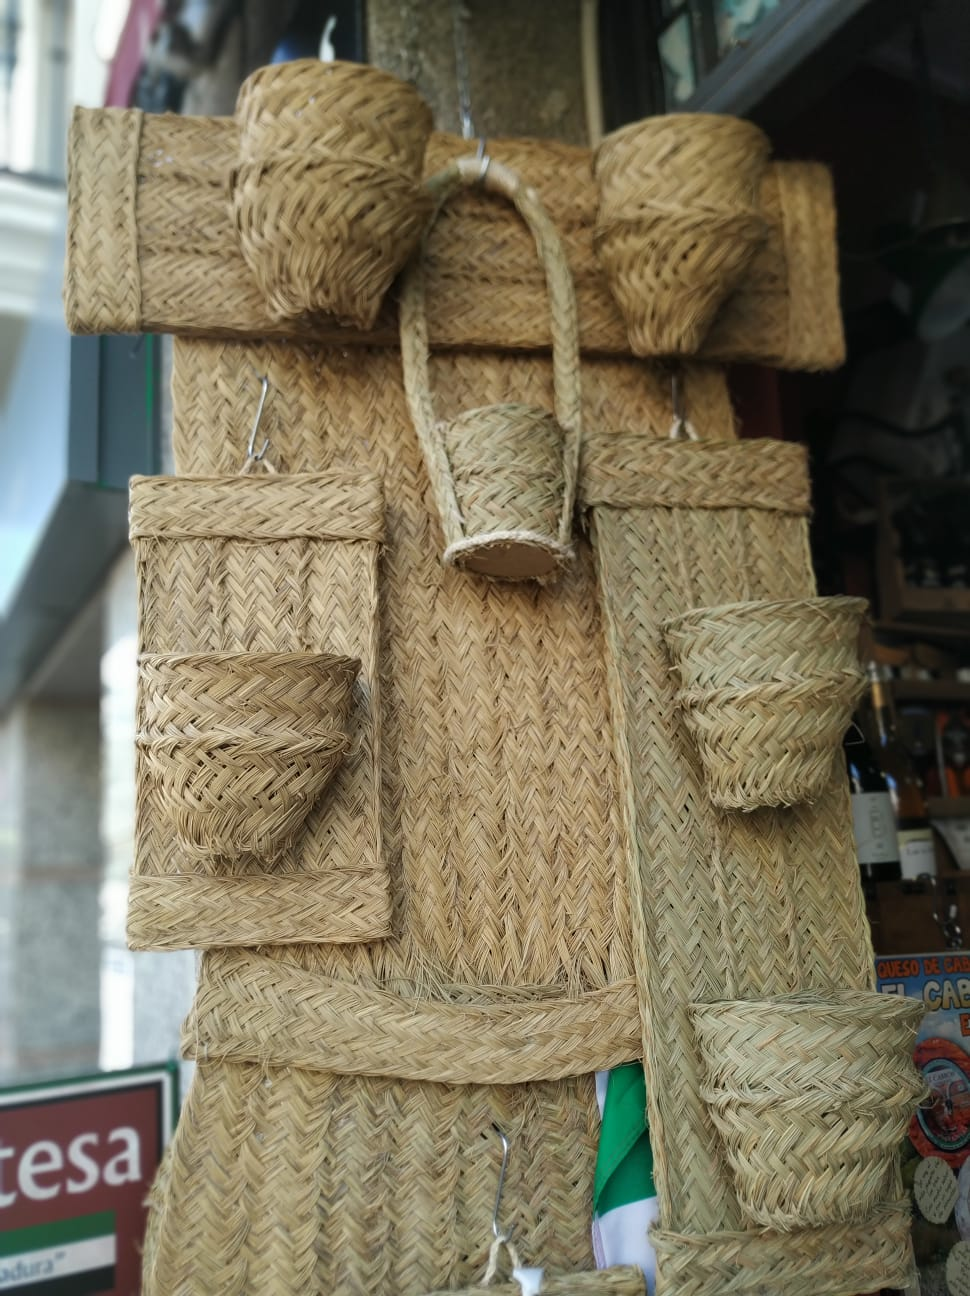 Donde comprar cestas en la vera La Artesa Gourmet Jarandilla